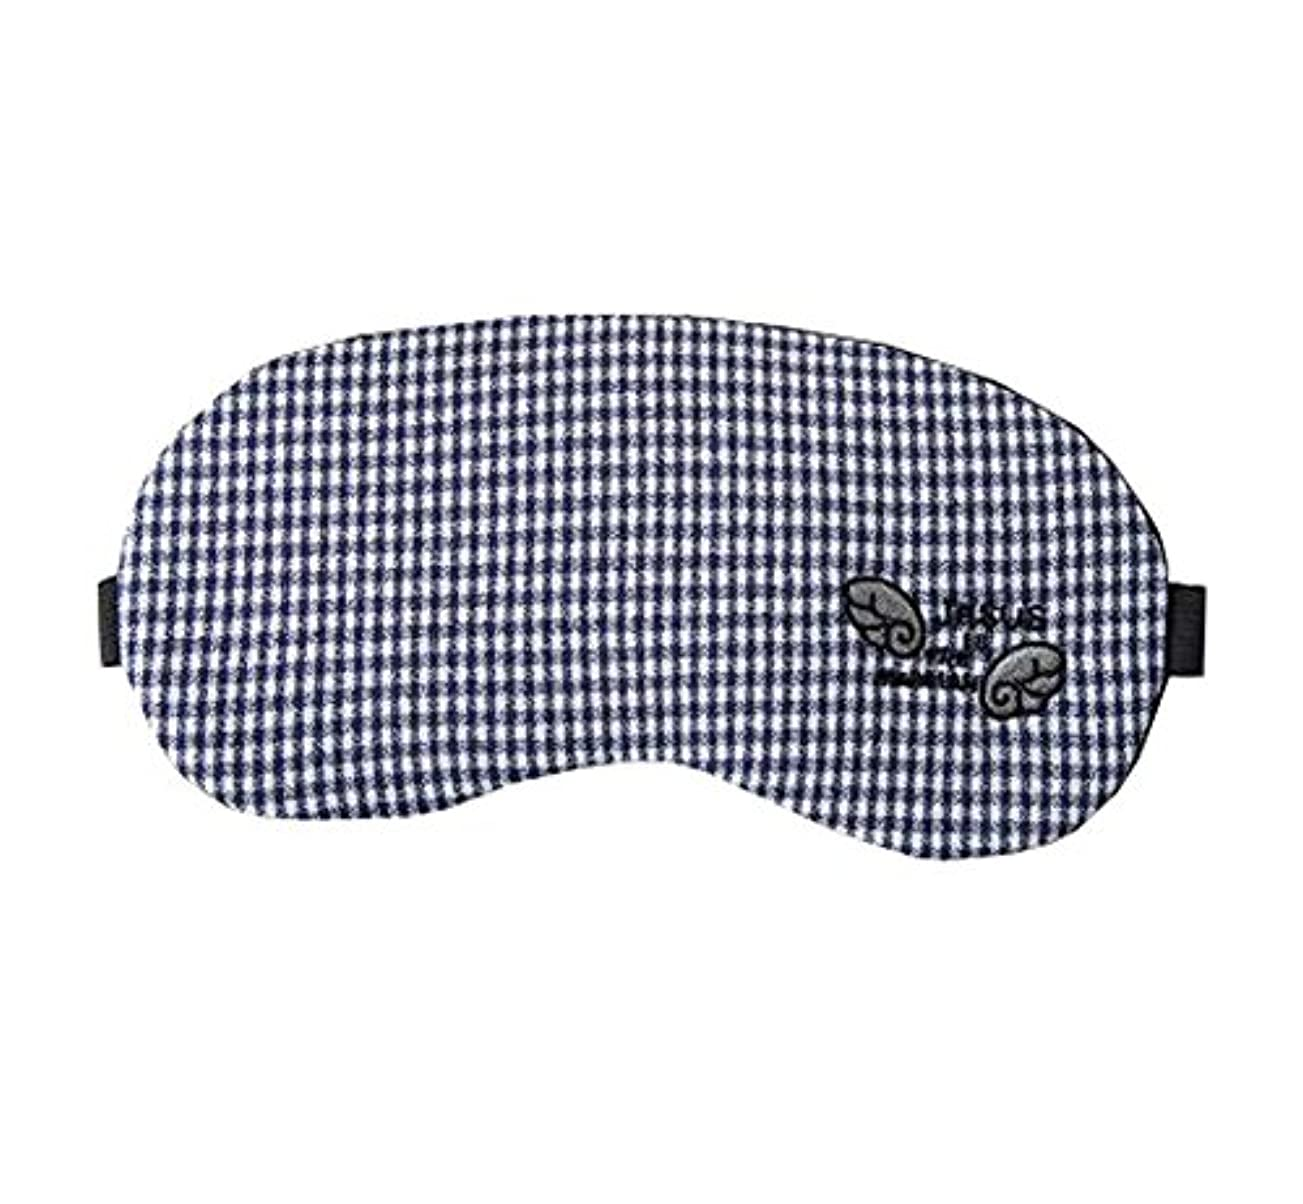 シェルキウイ虎快適なかわいい目のマスク、睡眠のための不眠症とストレスを和らげる、G